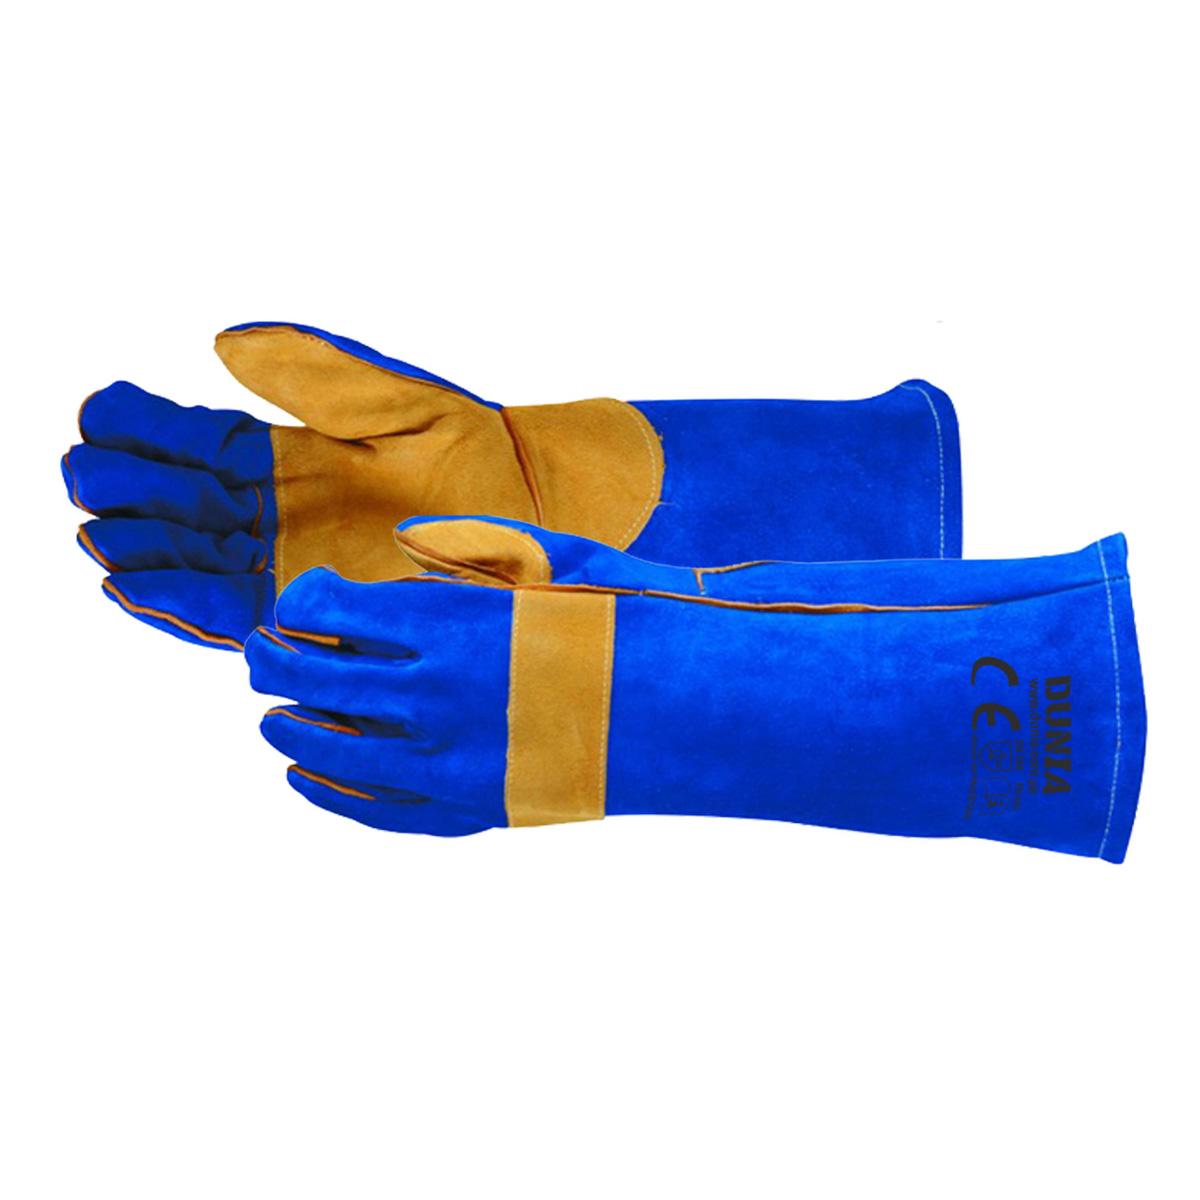 DTC-733 Double Palm Welder Gloves